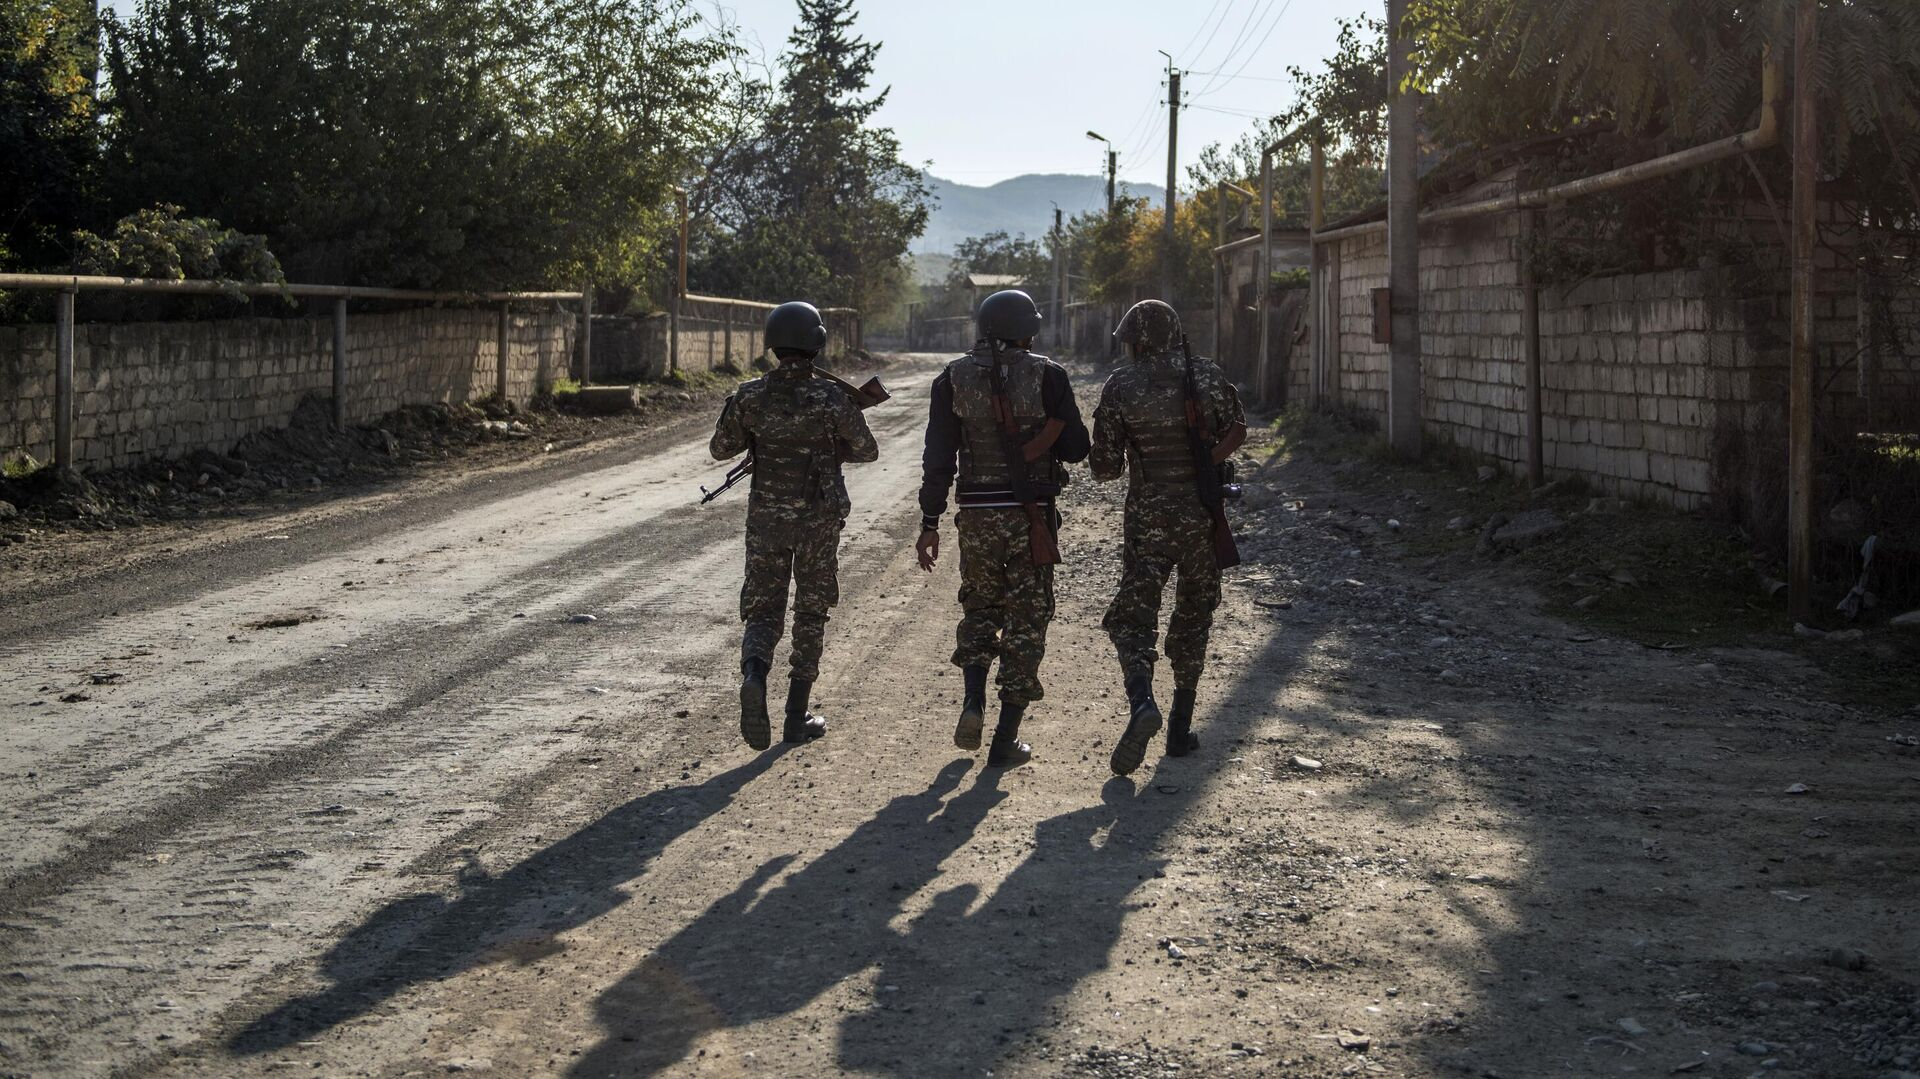 Вооруженные мужчины на улице города Степанакерт - РИА Новости, 1920, 30.11.2020